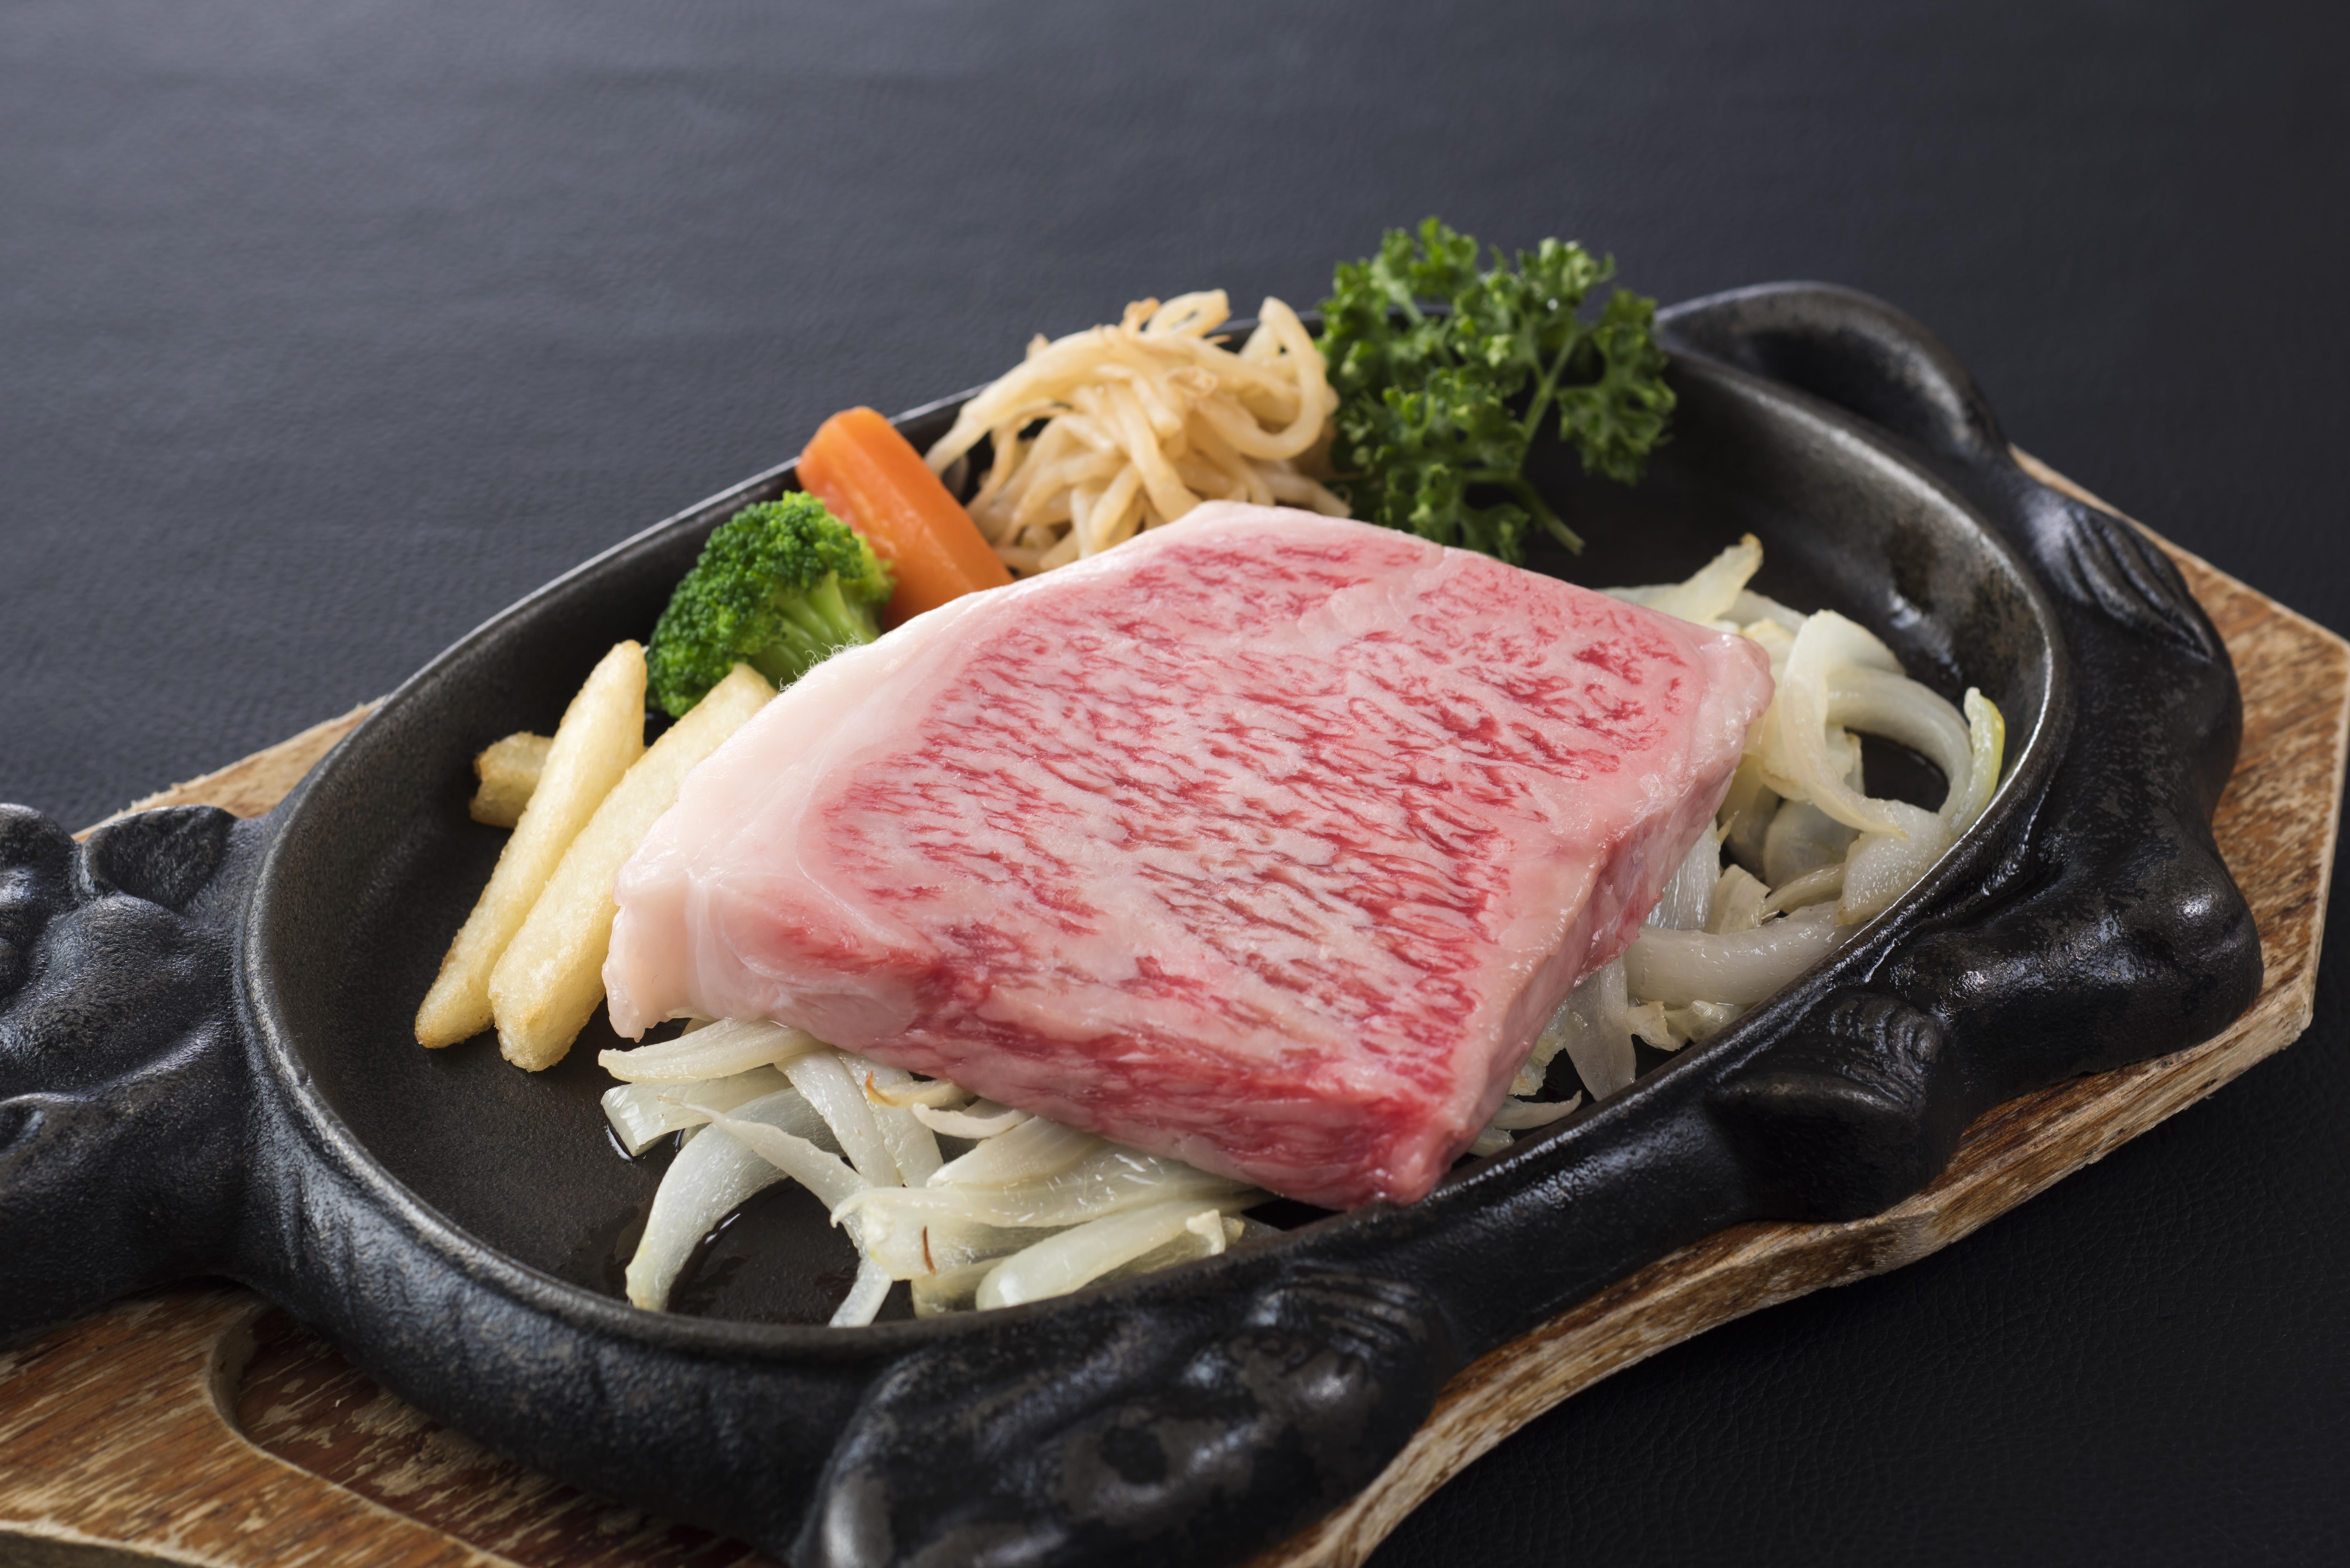 高千穂牛サーロインステーキ 200g 4,000円(税込4,400円)